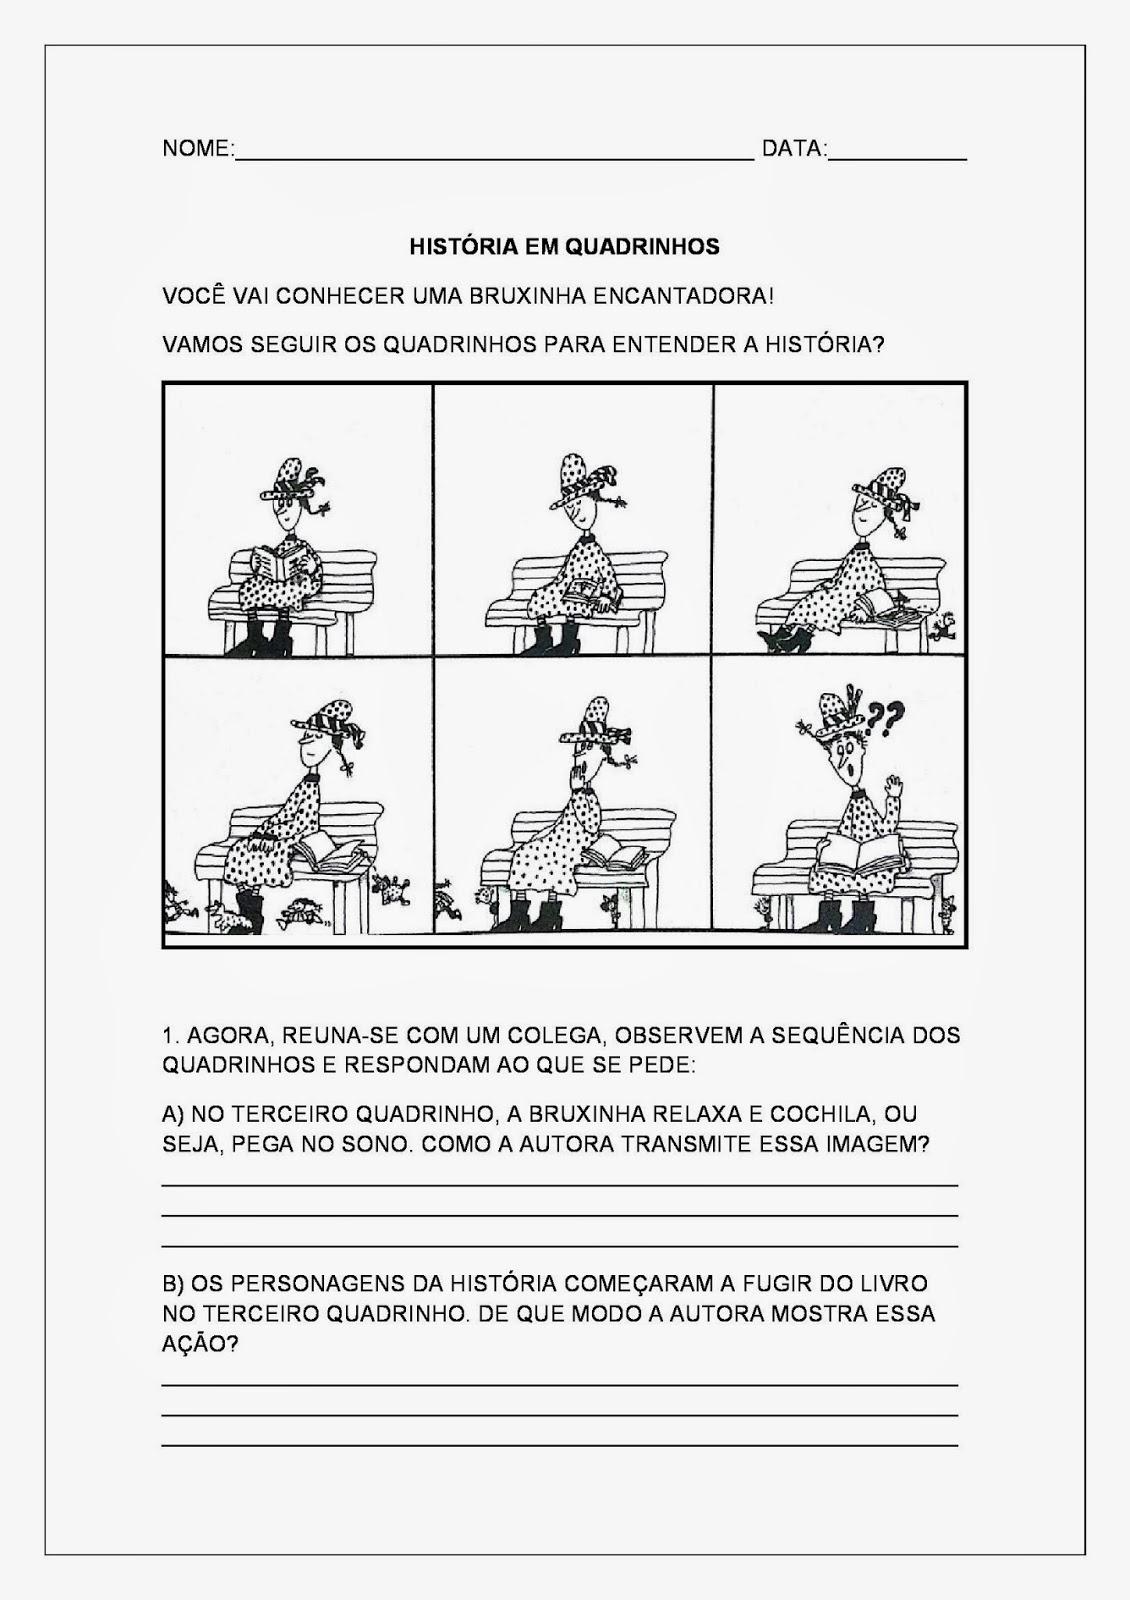 Atividades para Imprimir - História em Quadrinhos